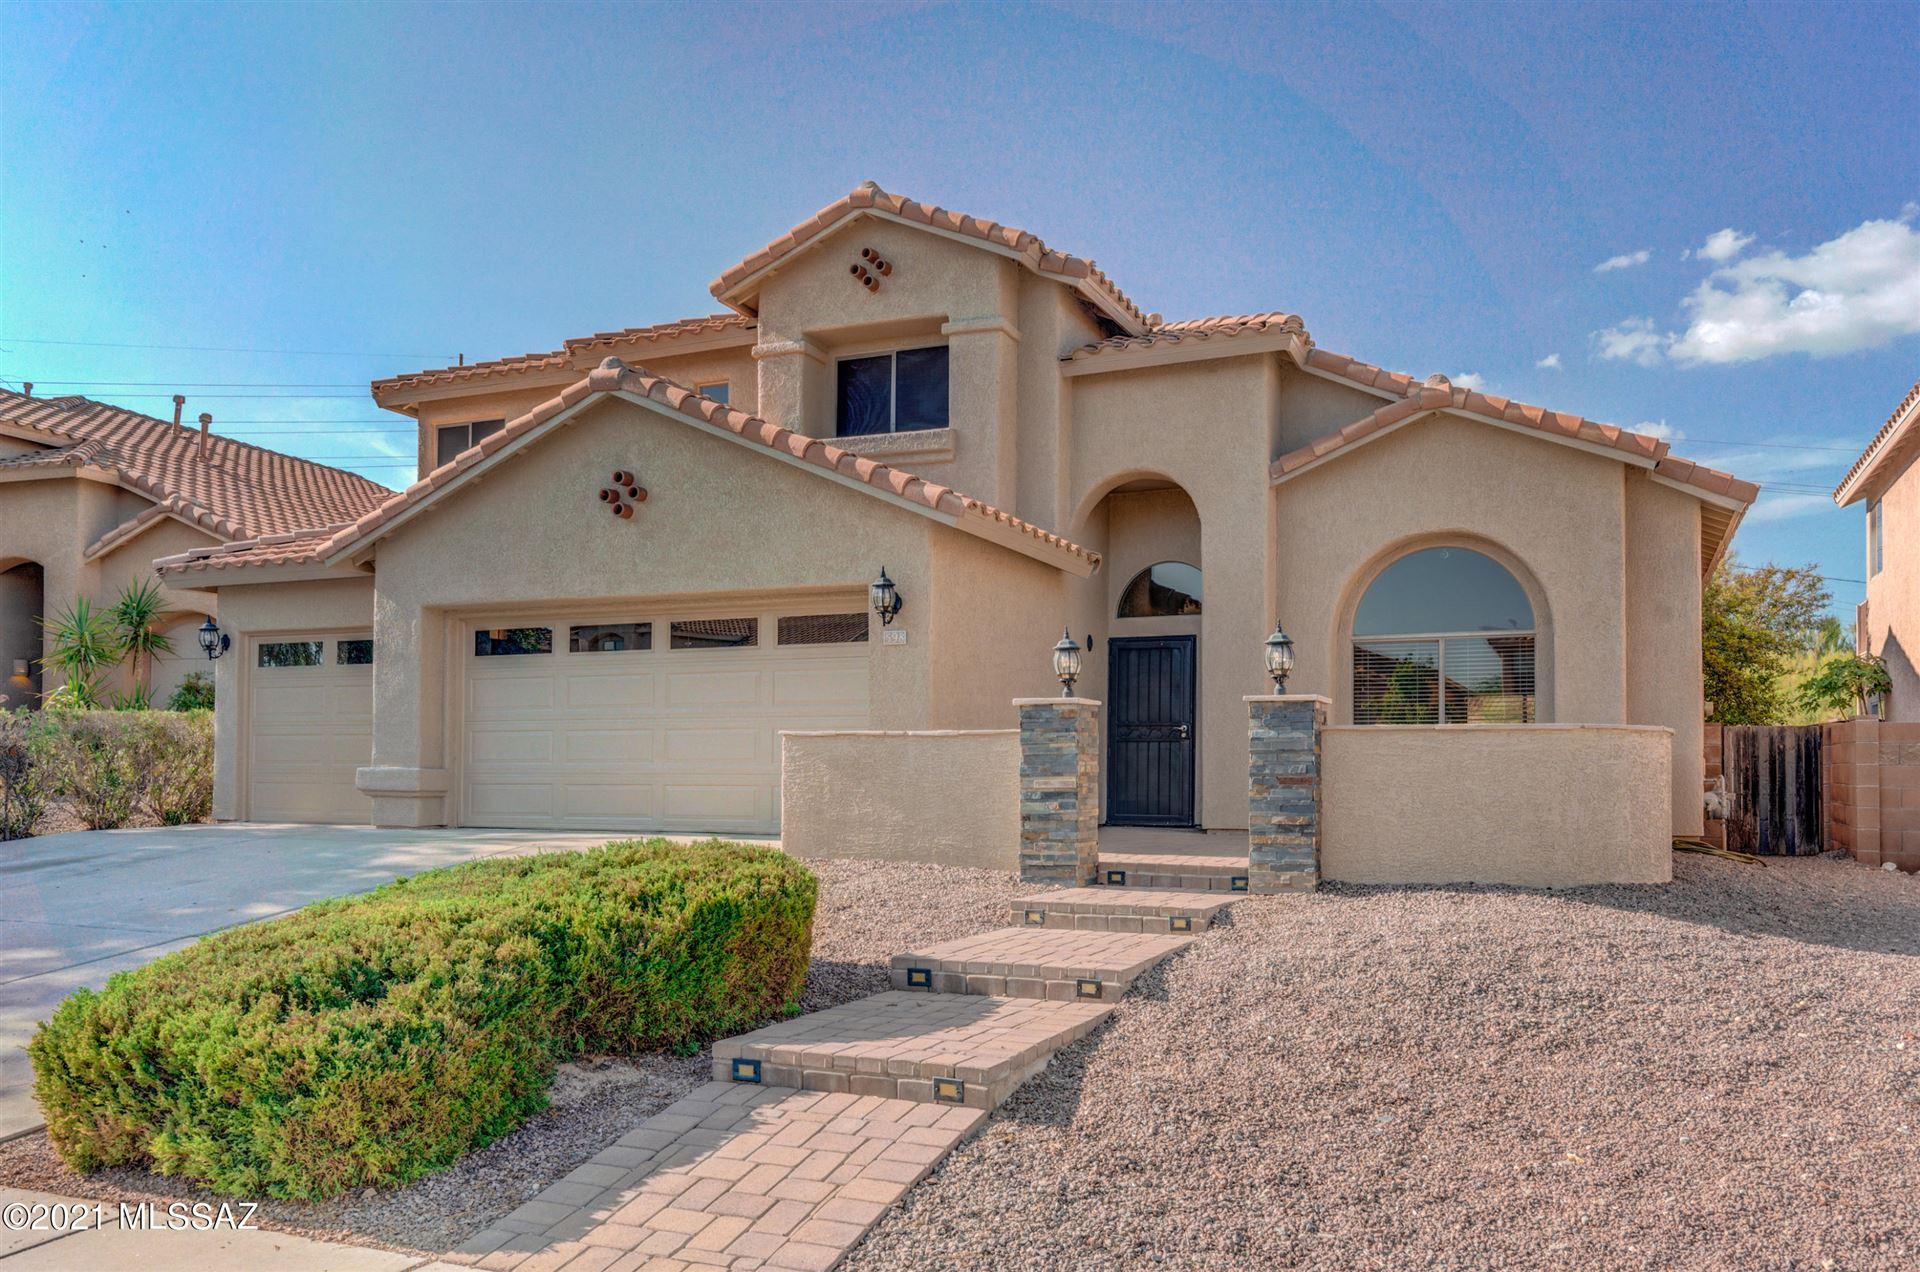 598 W Paseo Rio Grande, Tucson, AZ 85737 - MLS#: 22119226